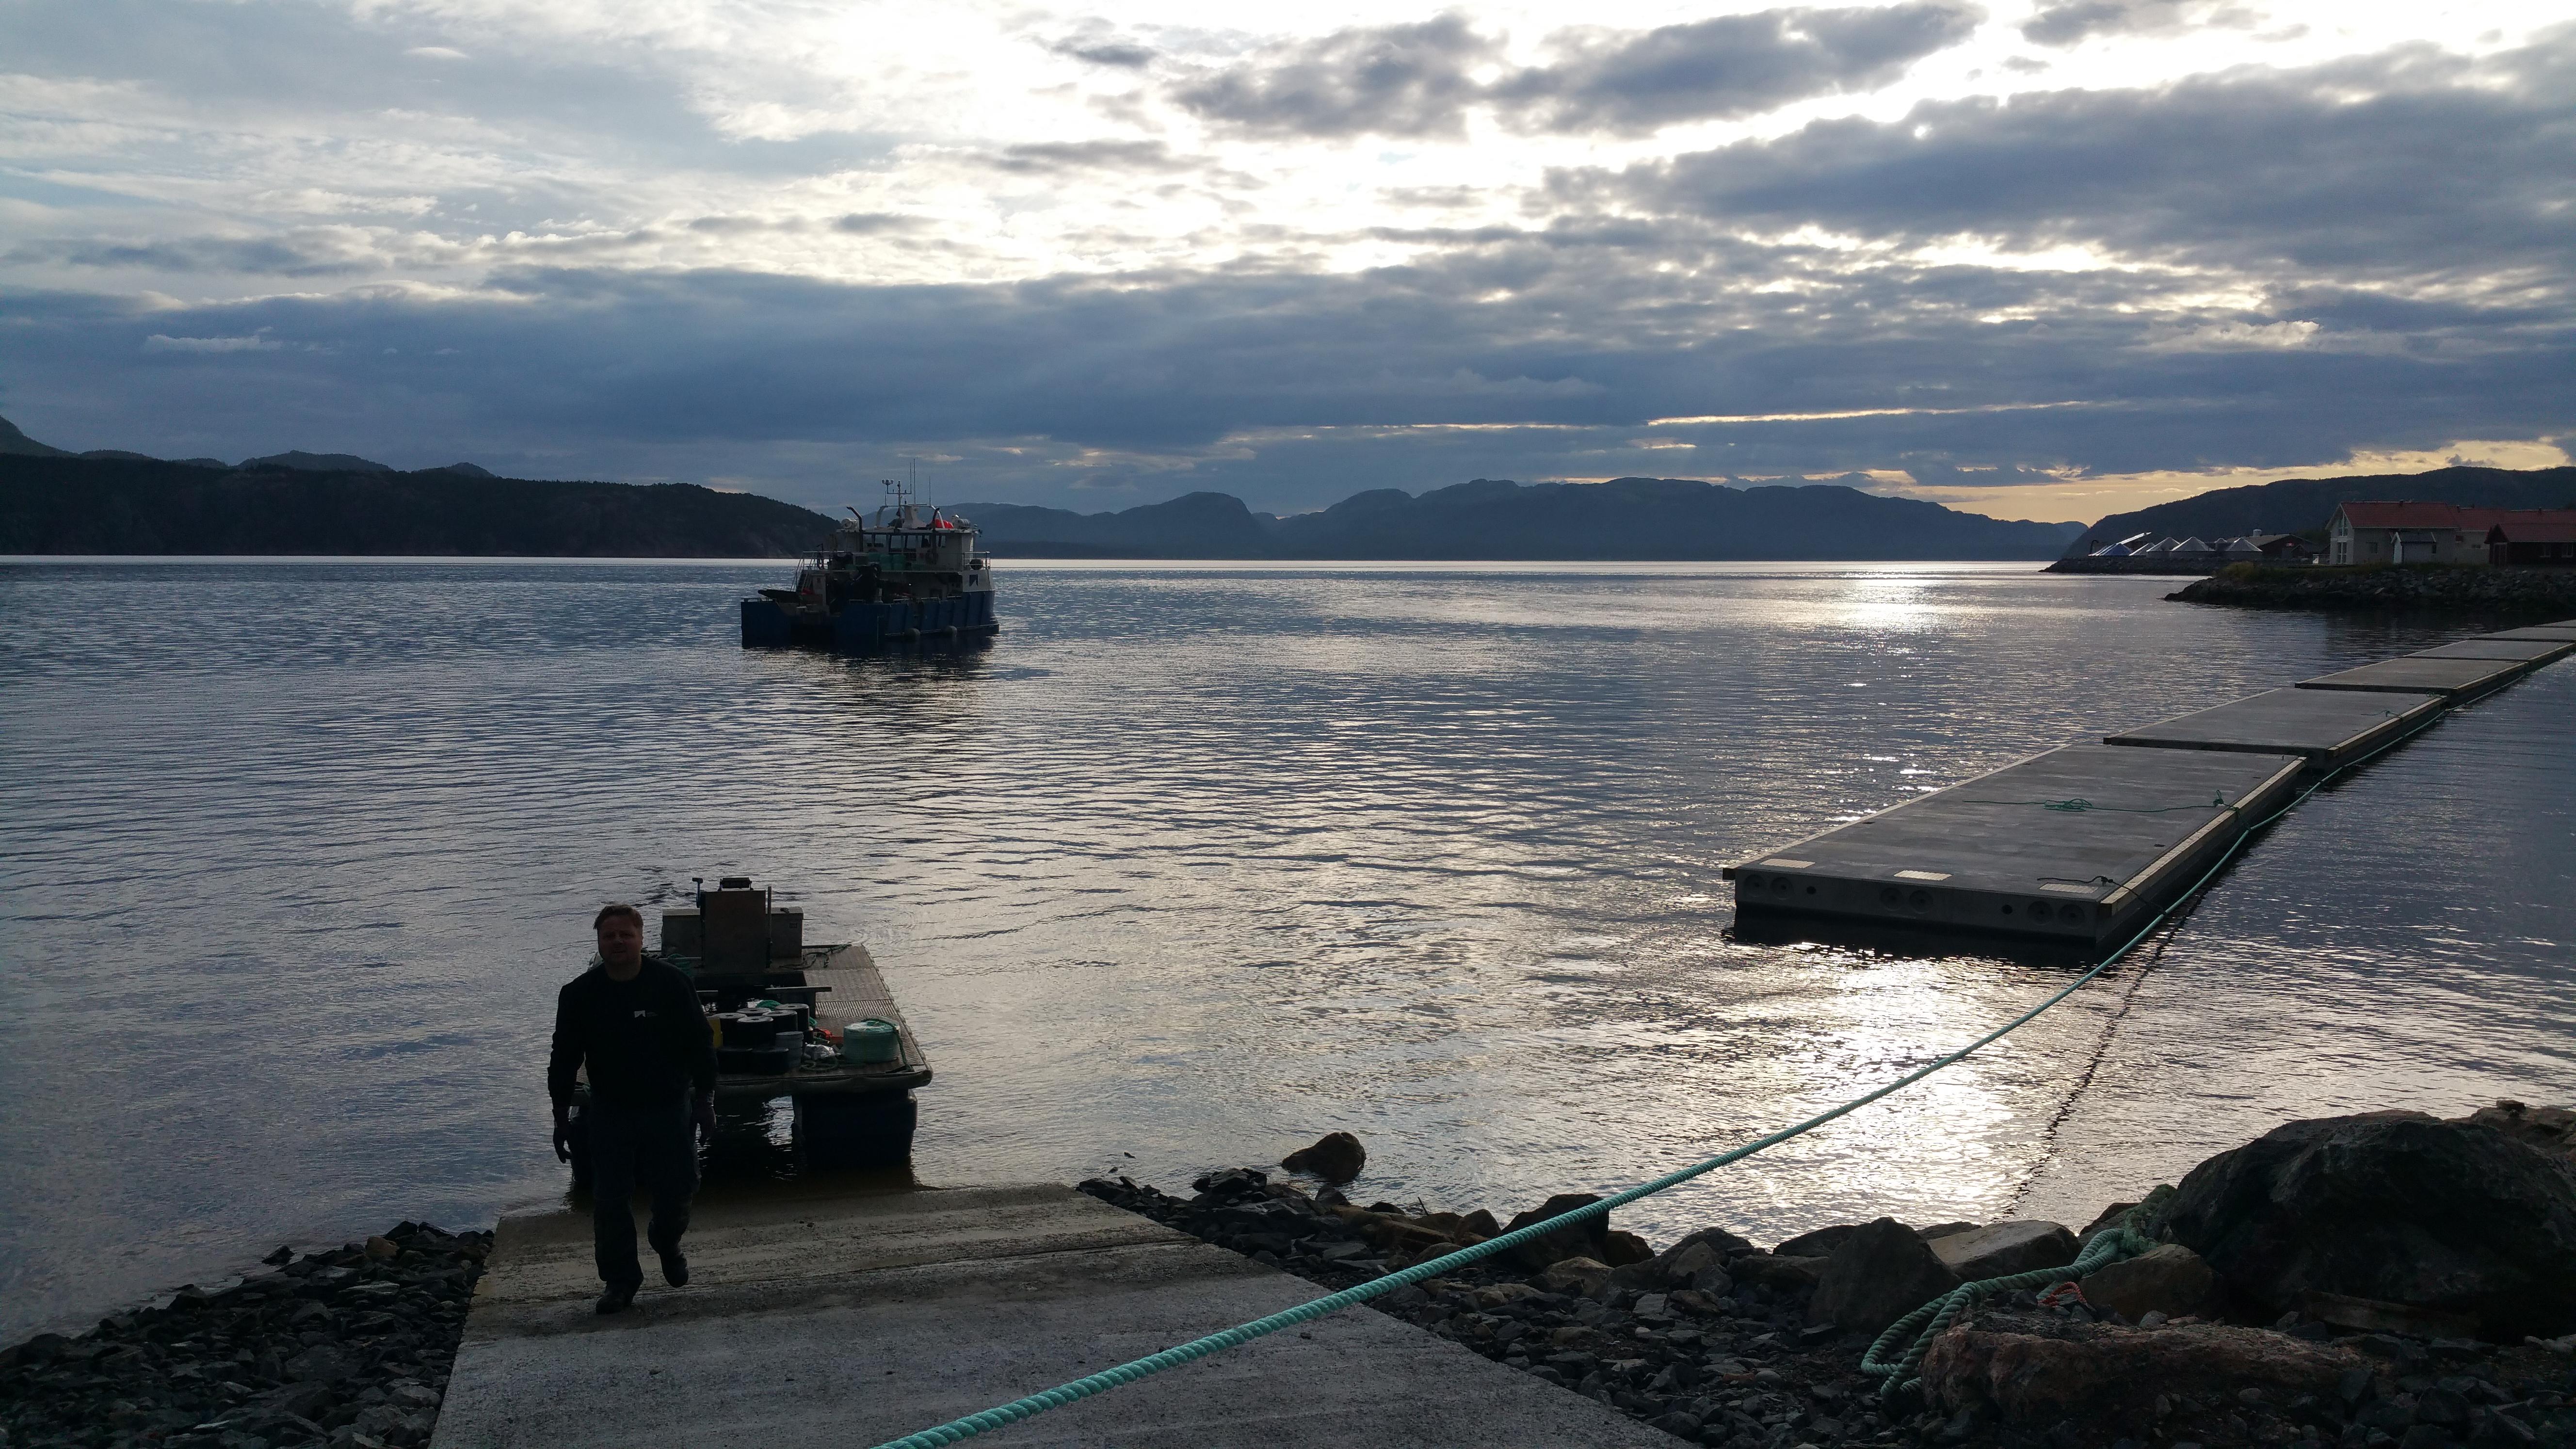 https://marinasolutions.no/uploads/Namsos-Statland.jpg